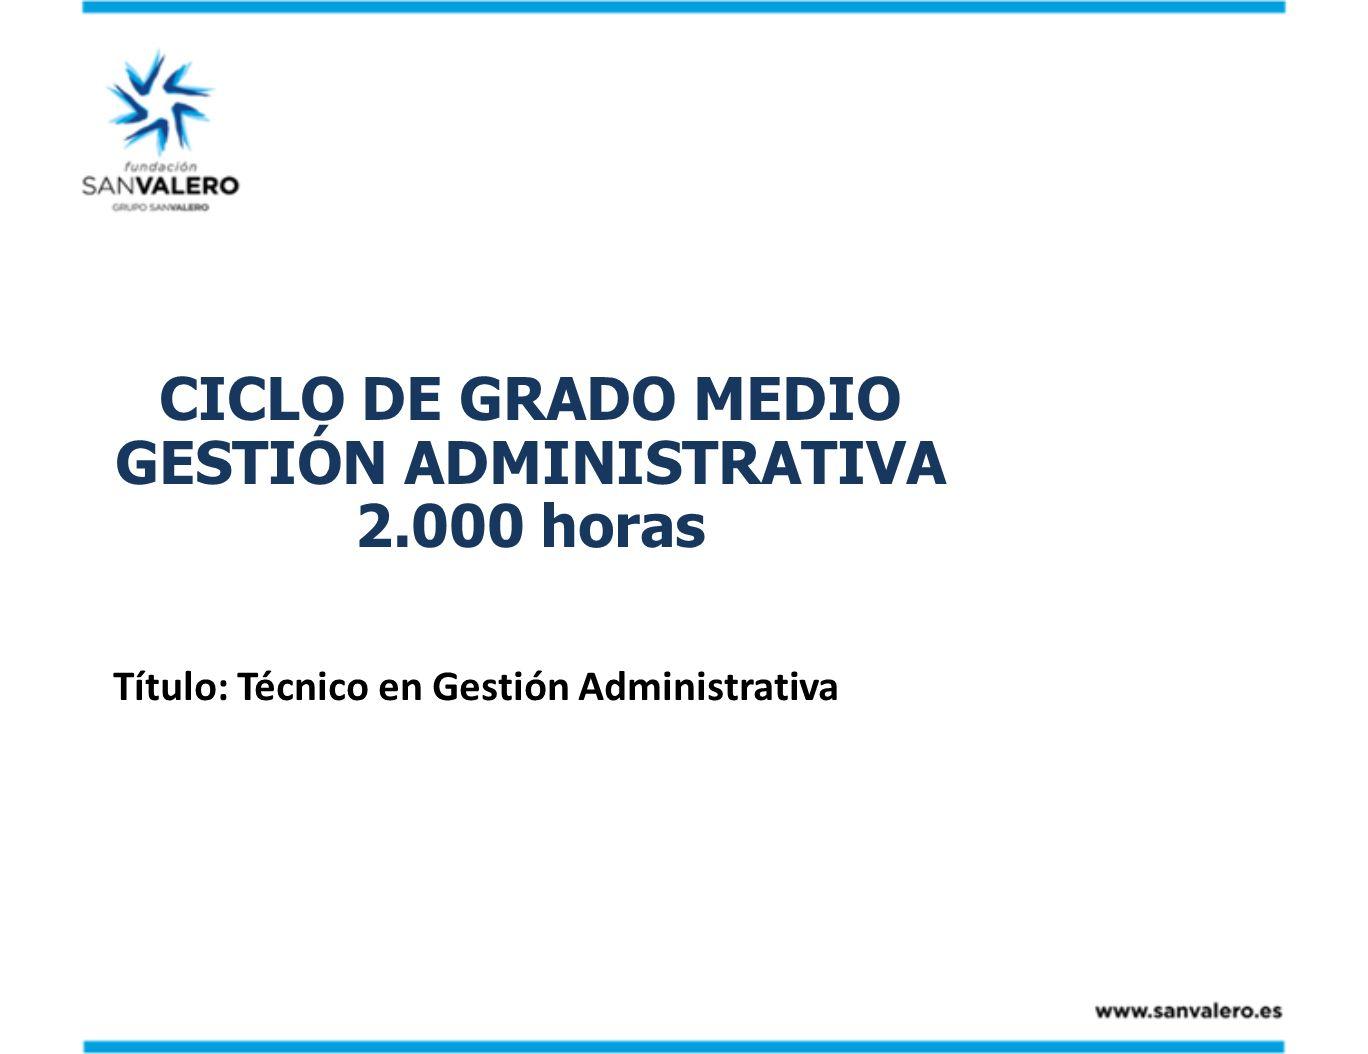 CICLO DE GRADO MEDIO GESTIÓN ADMINISTRATIVA 2.000 horas Título: Técnico en Gestión Administrativa